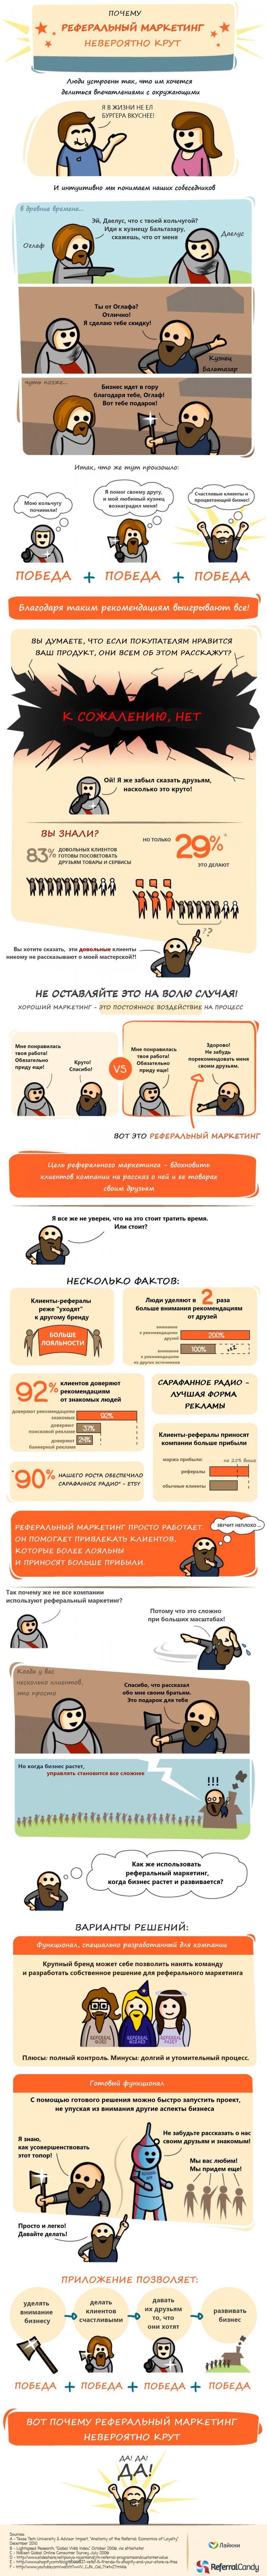 Инфографика: все о реферальном маркетинге